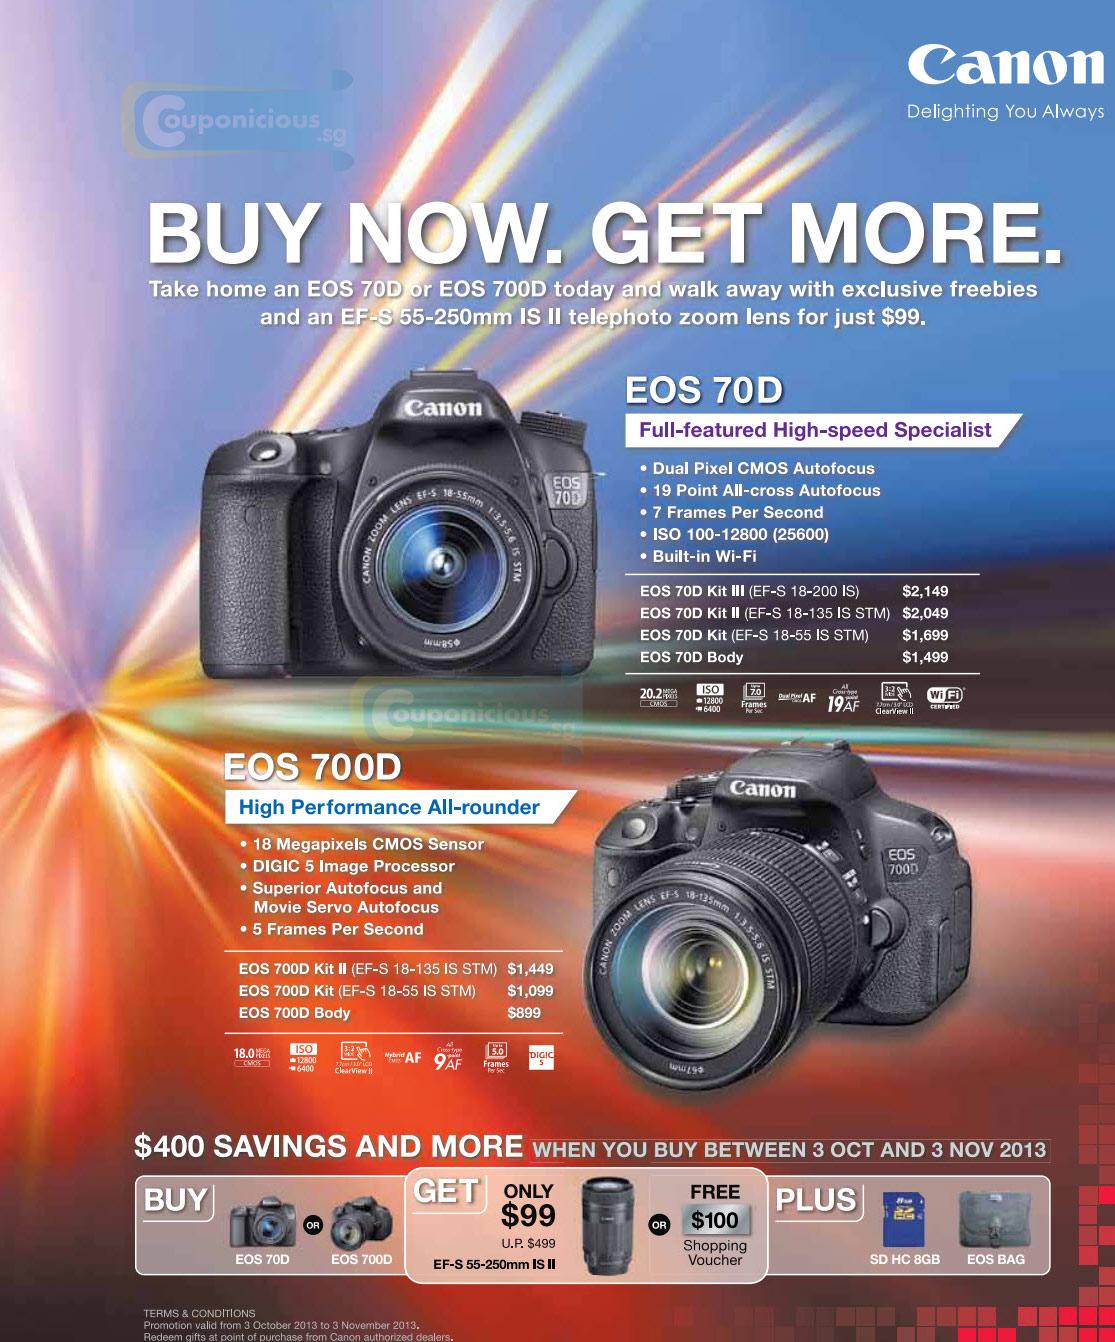 Canon coupon codes